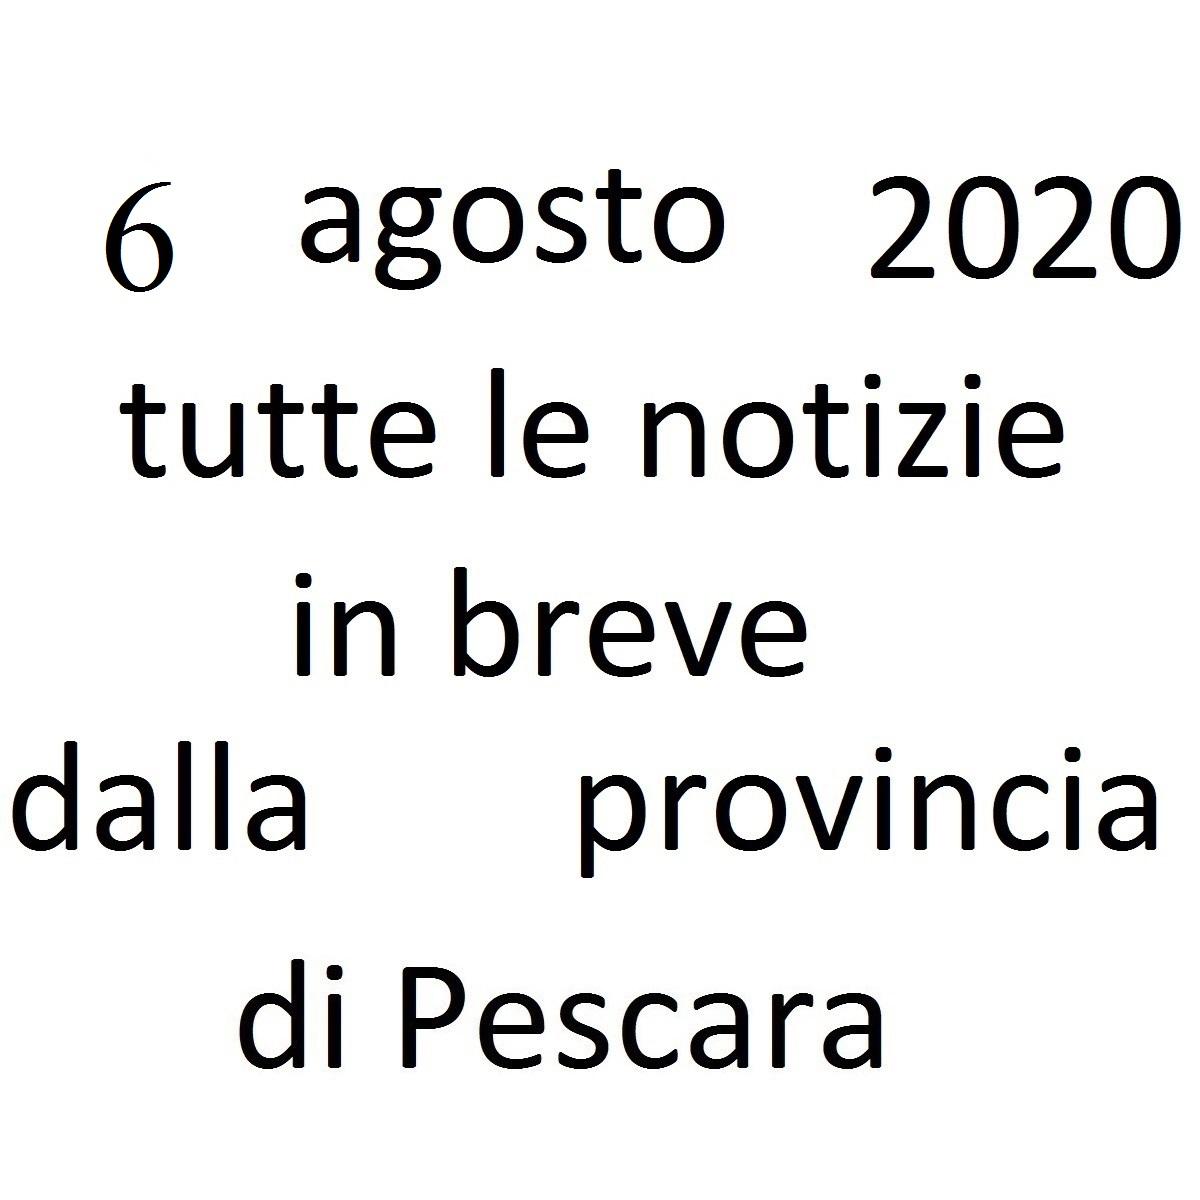 6 agosto 2020 notizie in breve dalla Provincia di Pescara foto